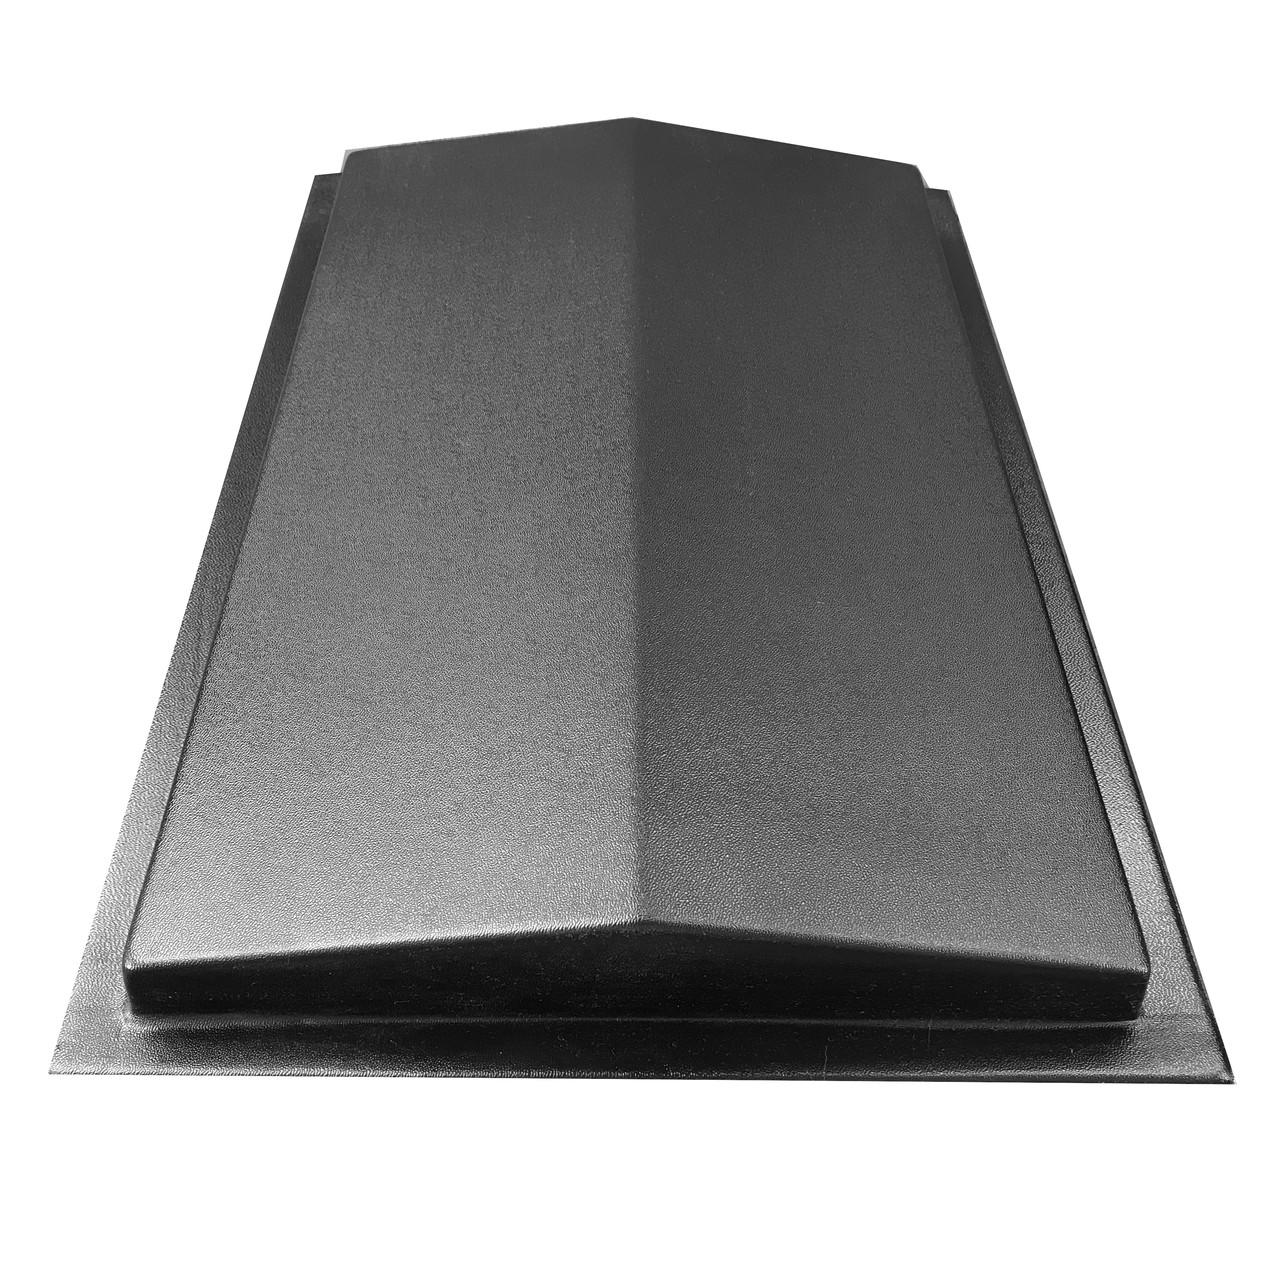 """Форма для парапета на забор """"Гладкий"""" 310*500*50 мм; для литья бетонных коньков на забор"""